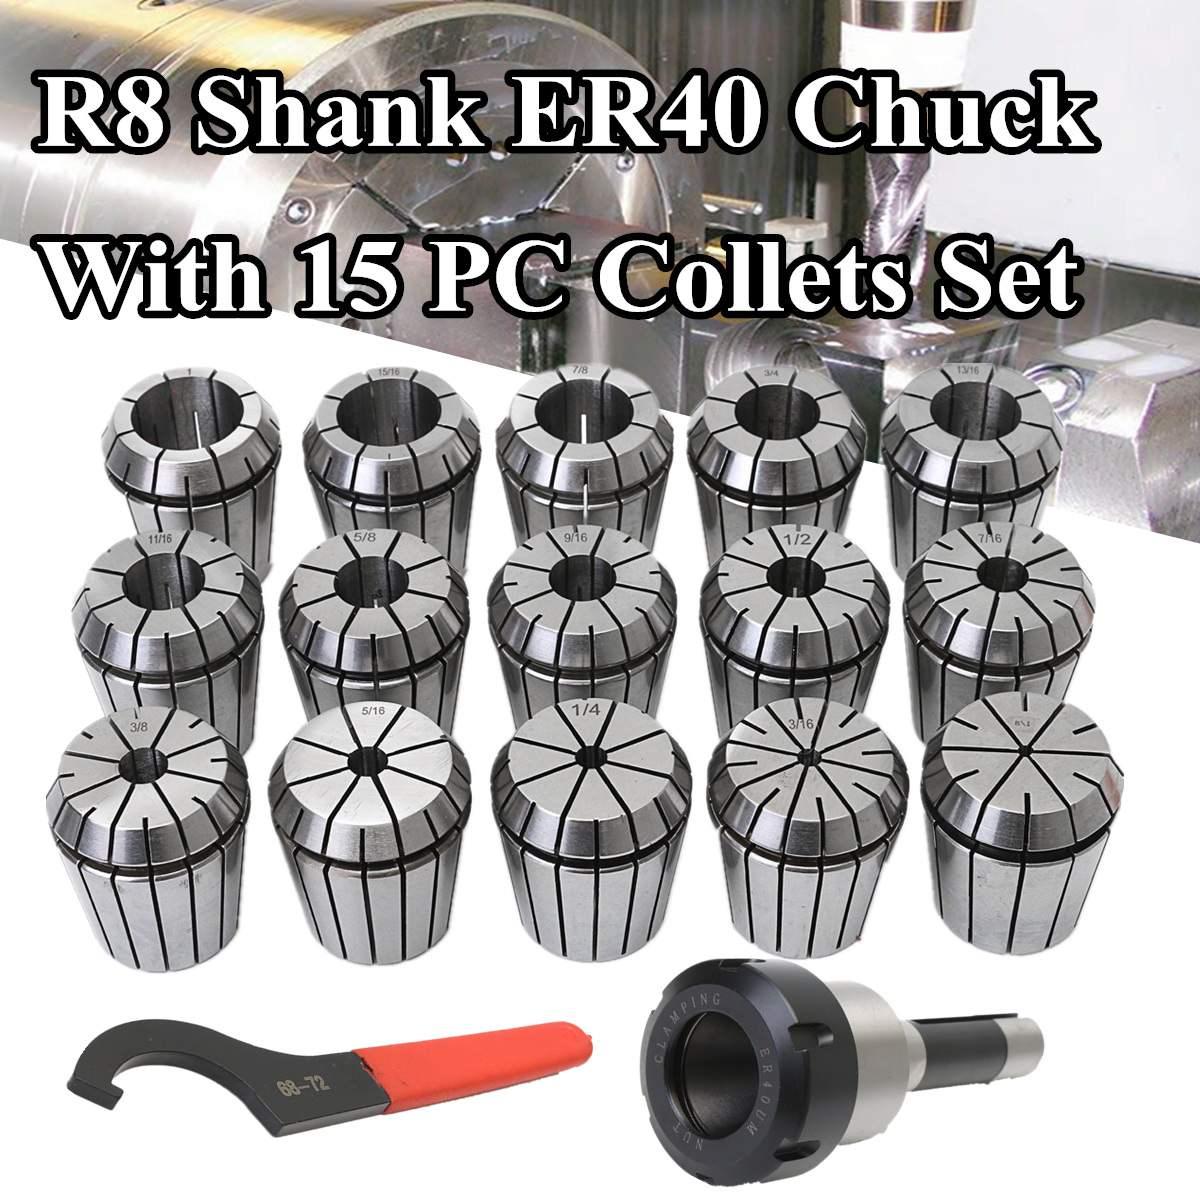 Precisions CNC Milling Lathe R8 Shank ER40 Collet Chuck Rod + 15Pcs ER40 Spring Collets Set Alloy Spring Steel